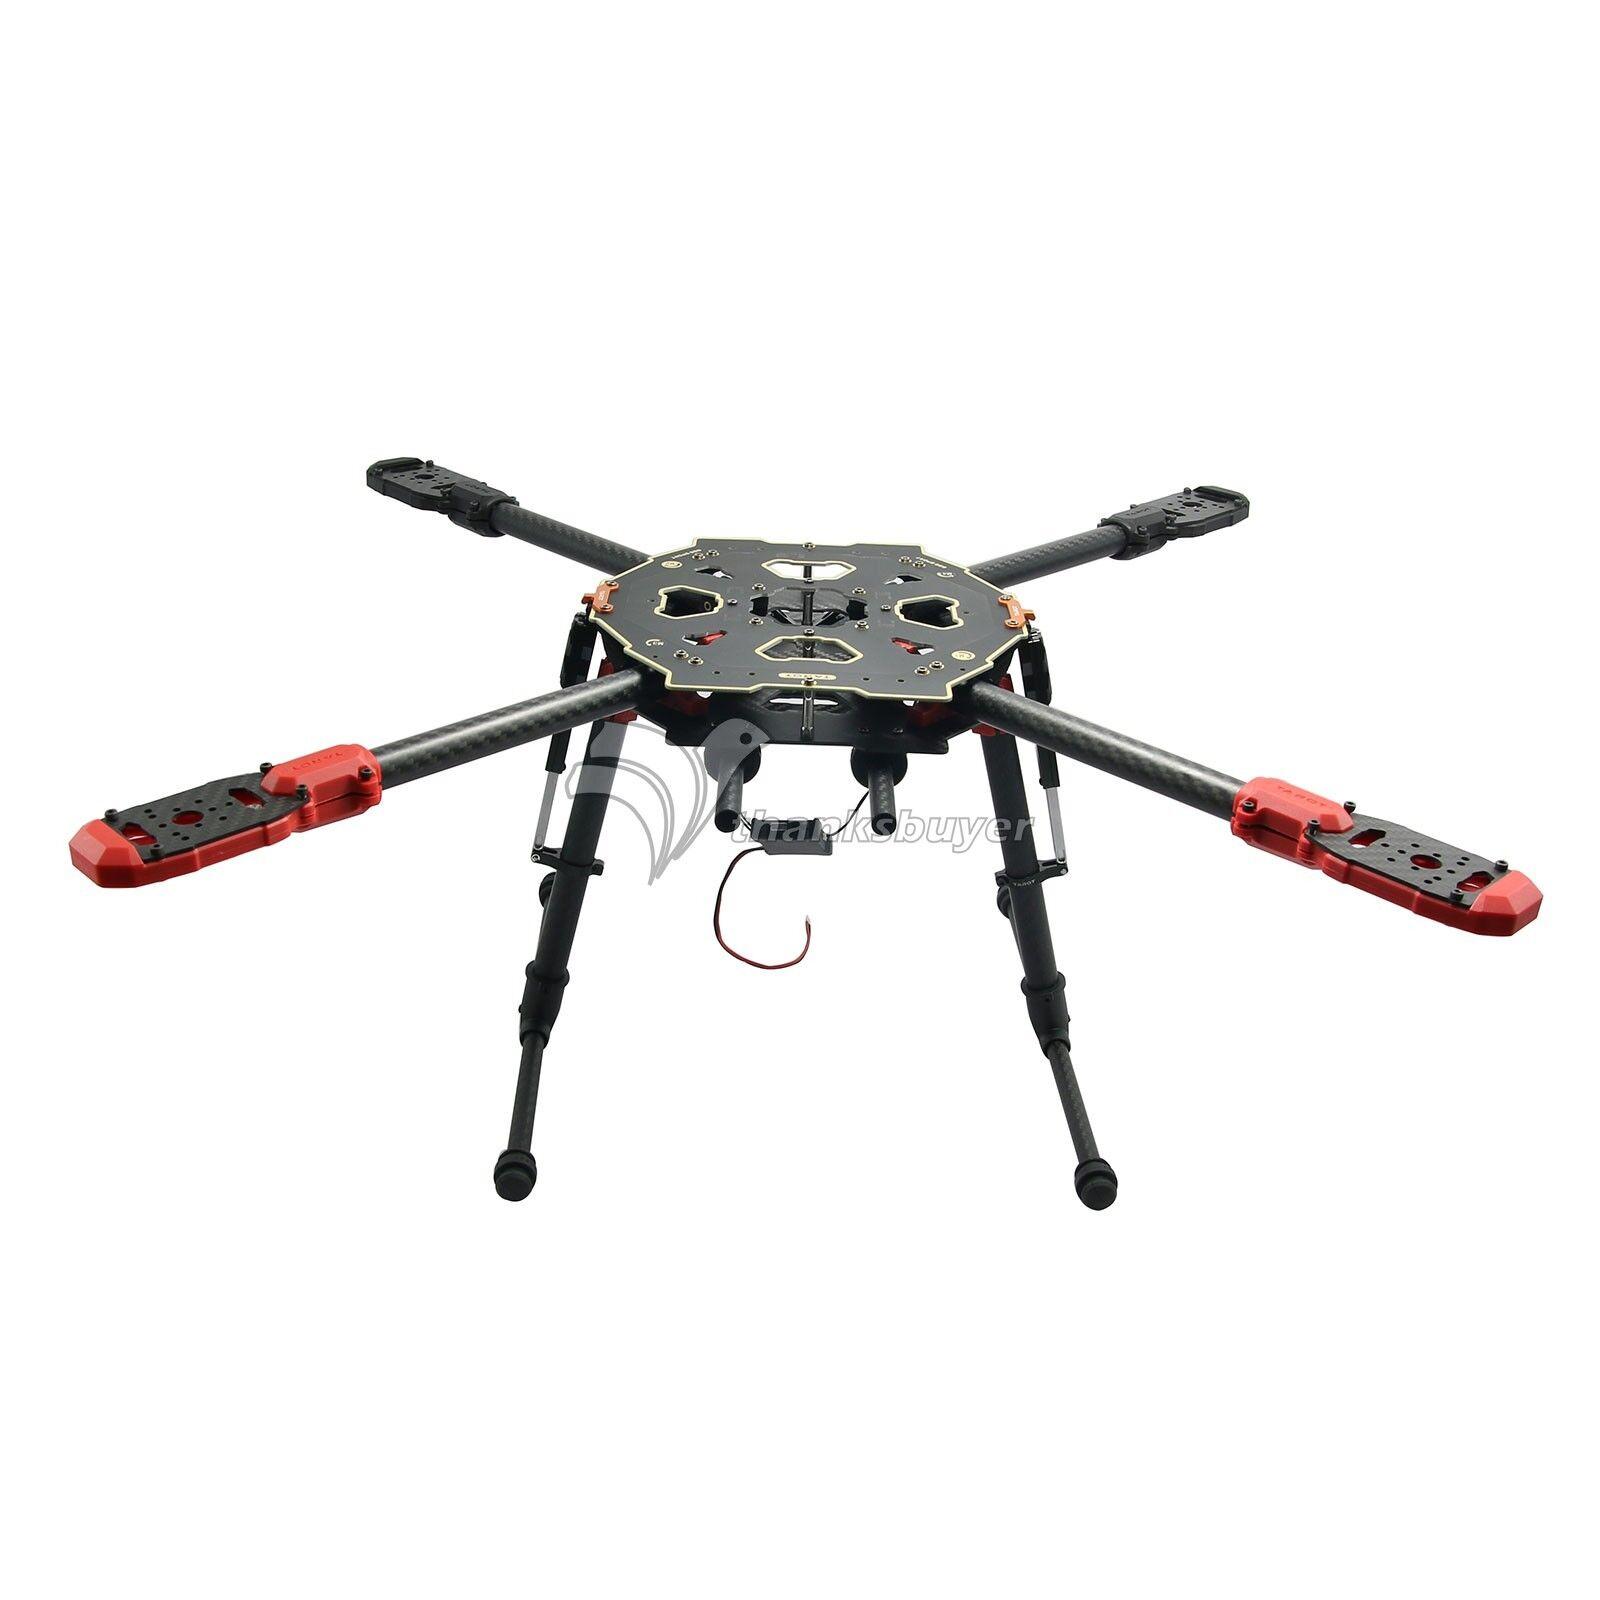 TL65S01 Tarojo 650 Sport Cuadricóptero con tren de aterrizaje plegable electrónica para vista en primera persona